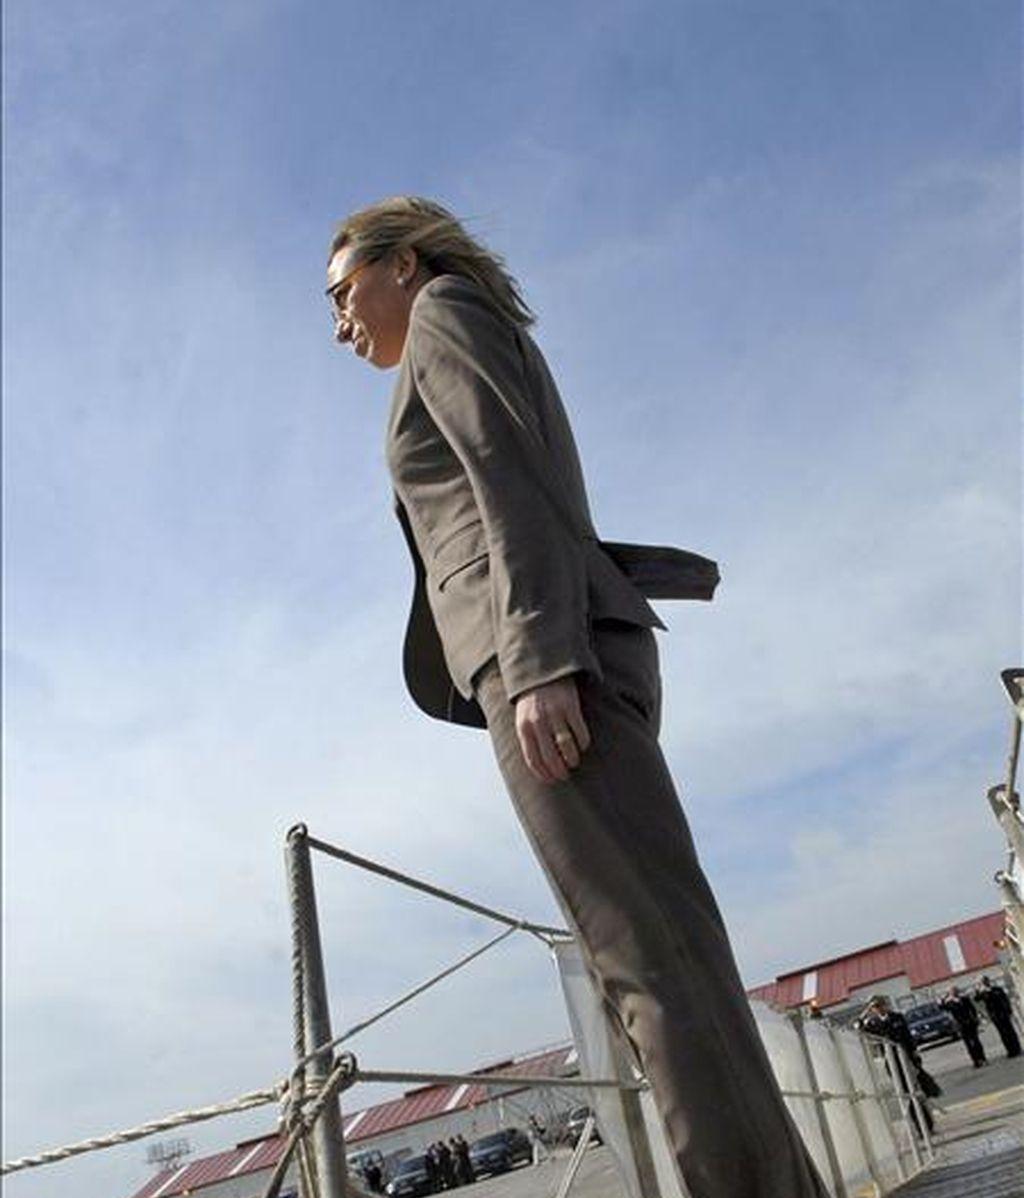 """La ministra de Defensa, Carme Chacón, en el buque """"Numancia"""" a finales del mes pasado antes de que zarpara de la Base de Rota (Cádiz) para incorporarse a la lucha contra la piratería en Somalia. EFE"""